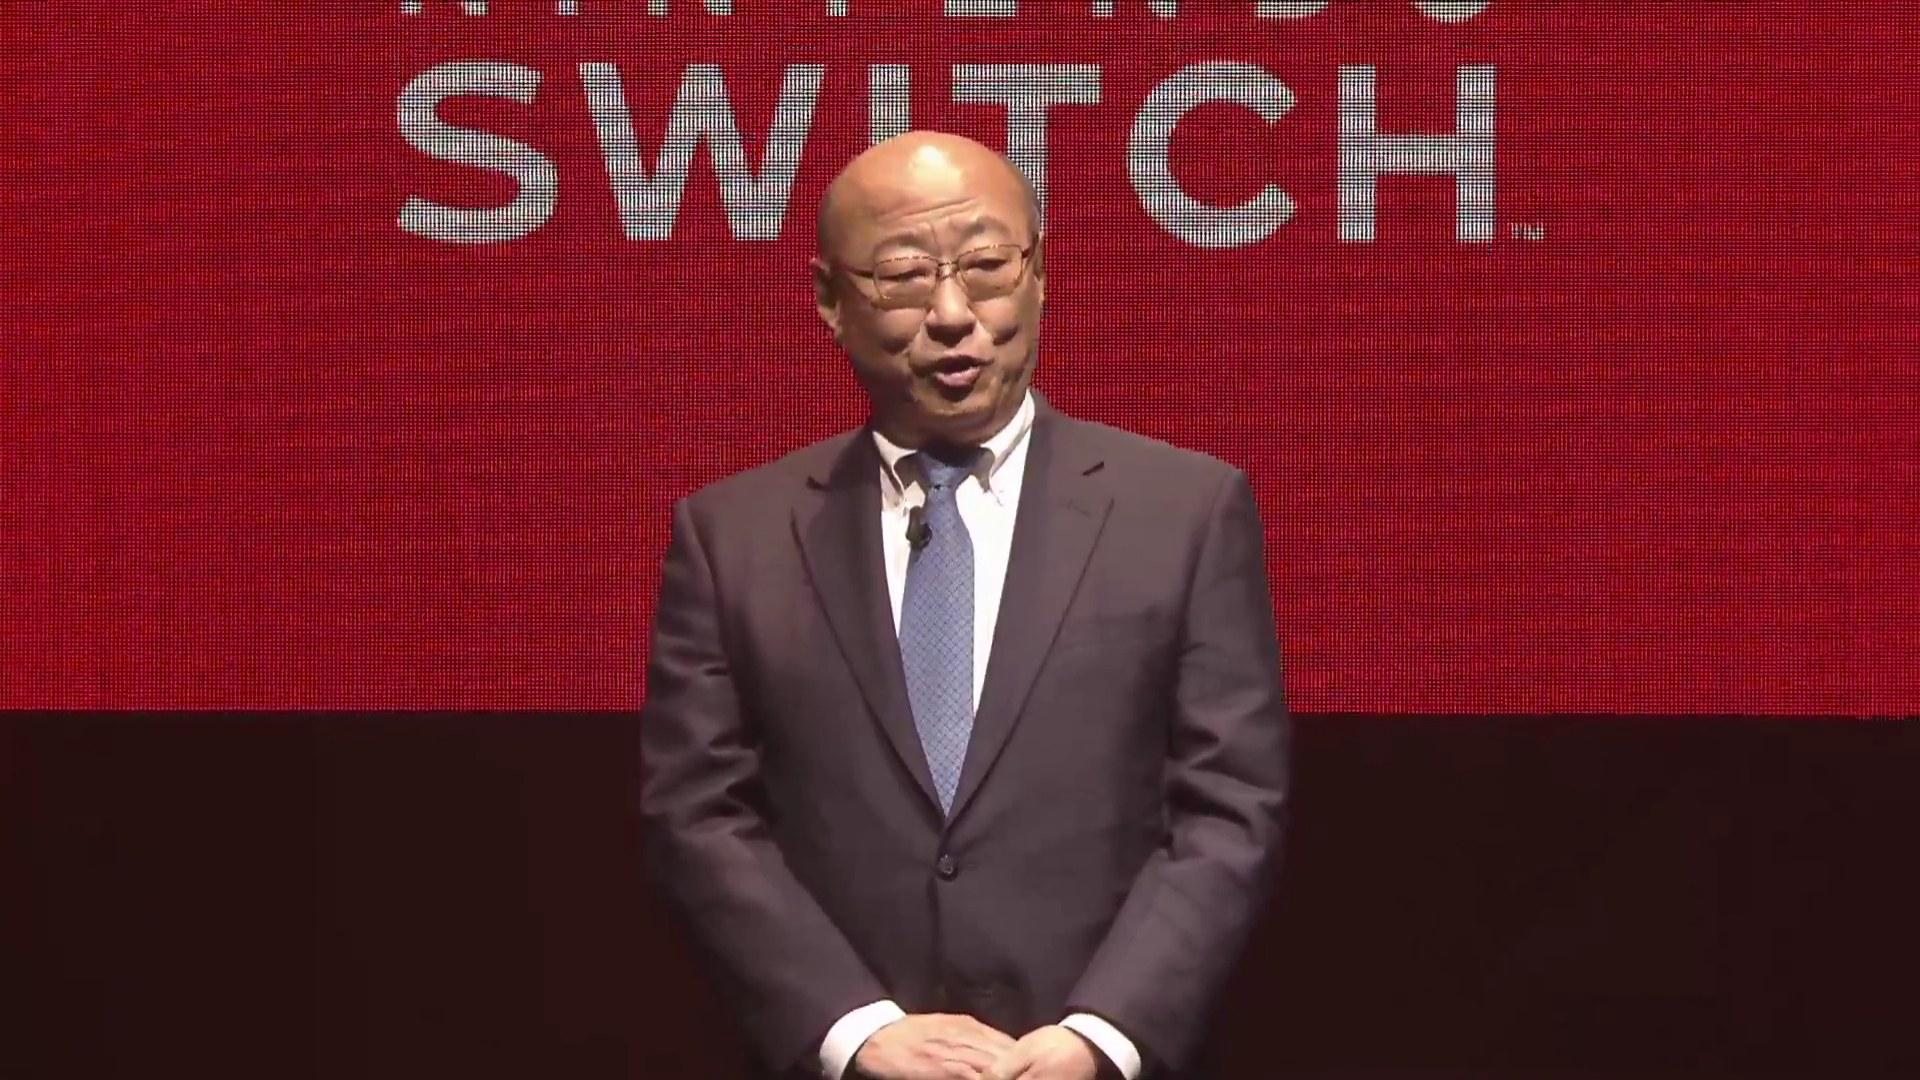 Modojo | Nintendo 3DS Successor Up For Consideration